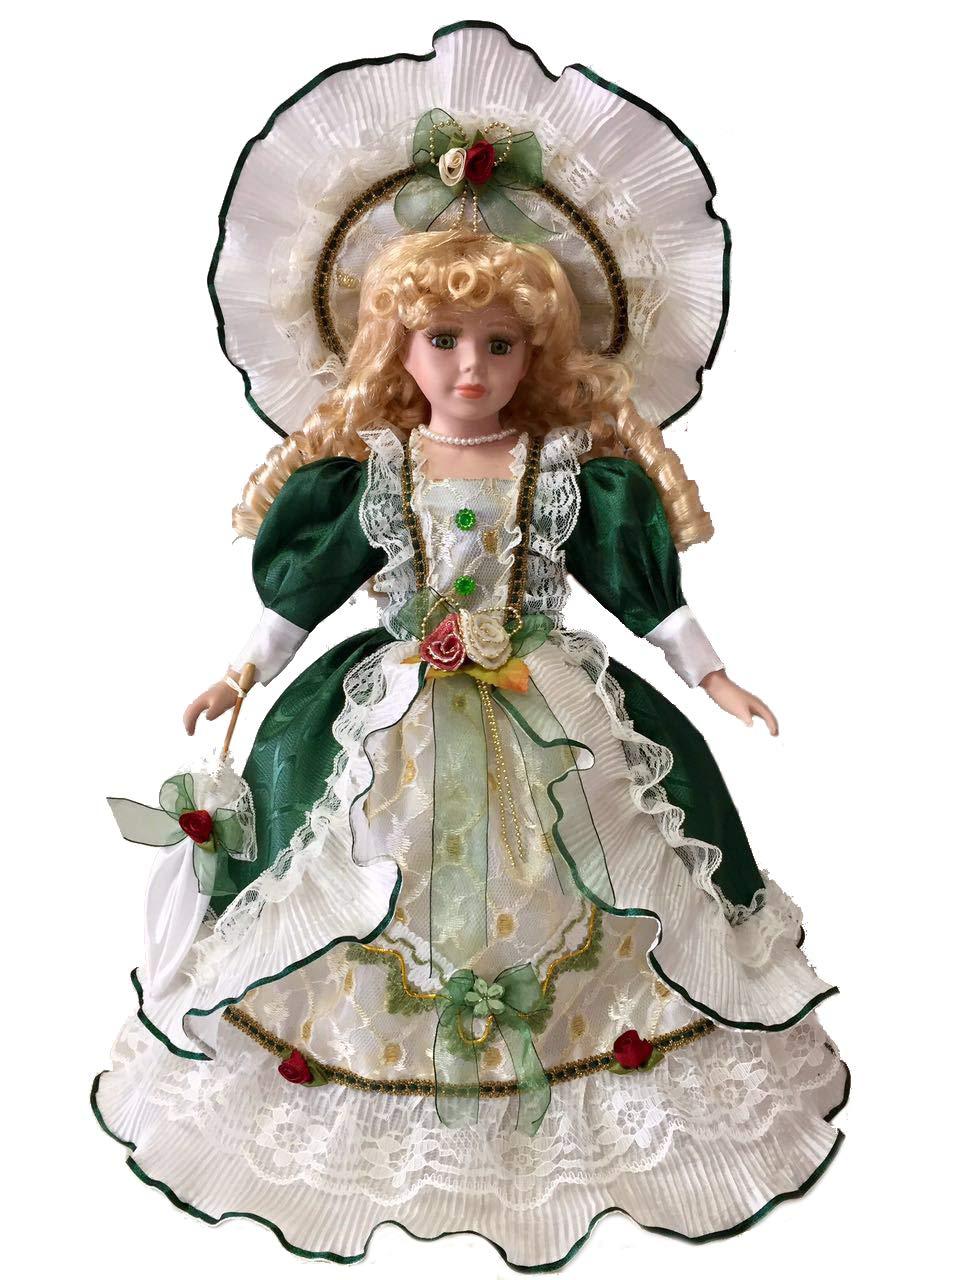 Muñeca de porcelana Victoria de 16.0 in